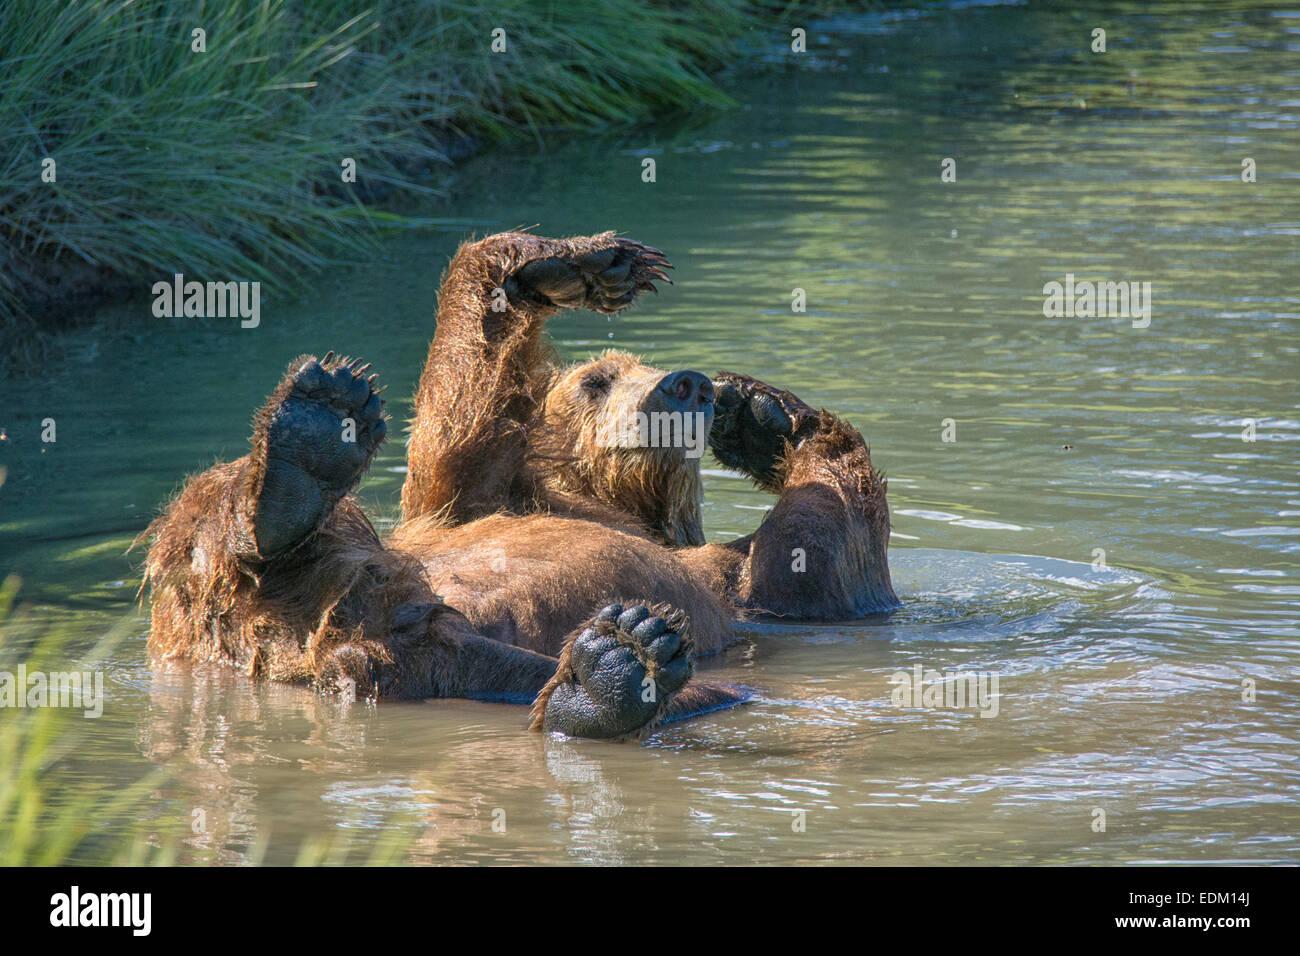 Adultos, Oso Grizzly Ursus arctos, refrescarse en un arroyo, Lake Clark National Park, Alaska, EE.UU. Foto de stock